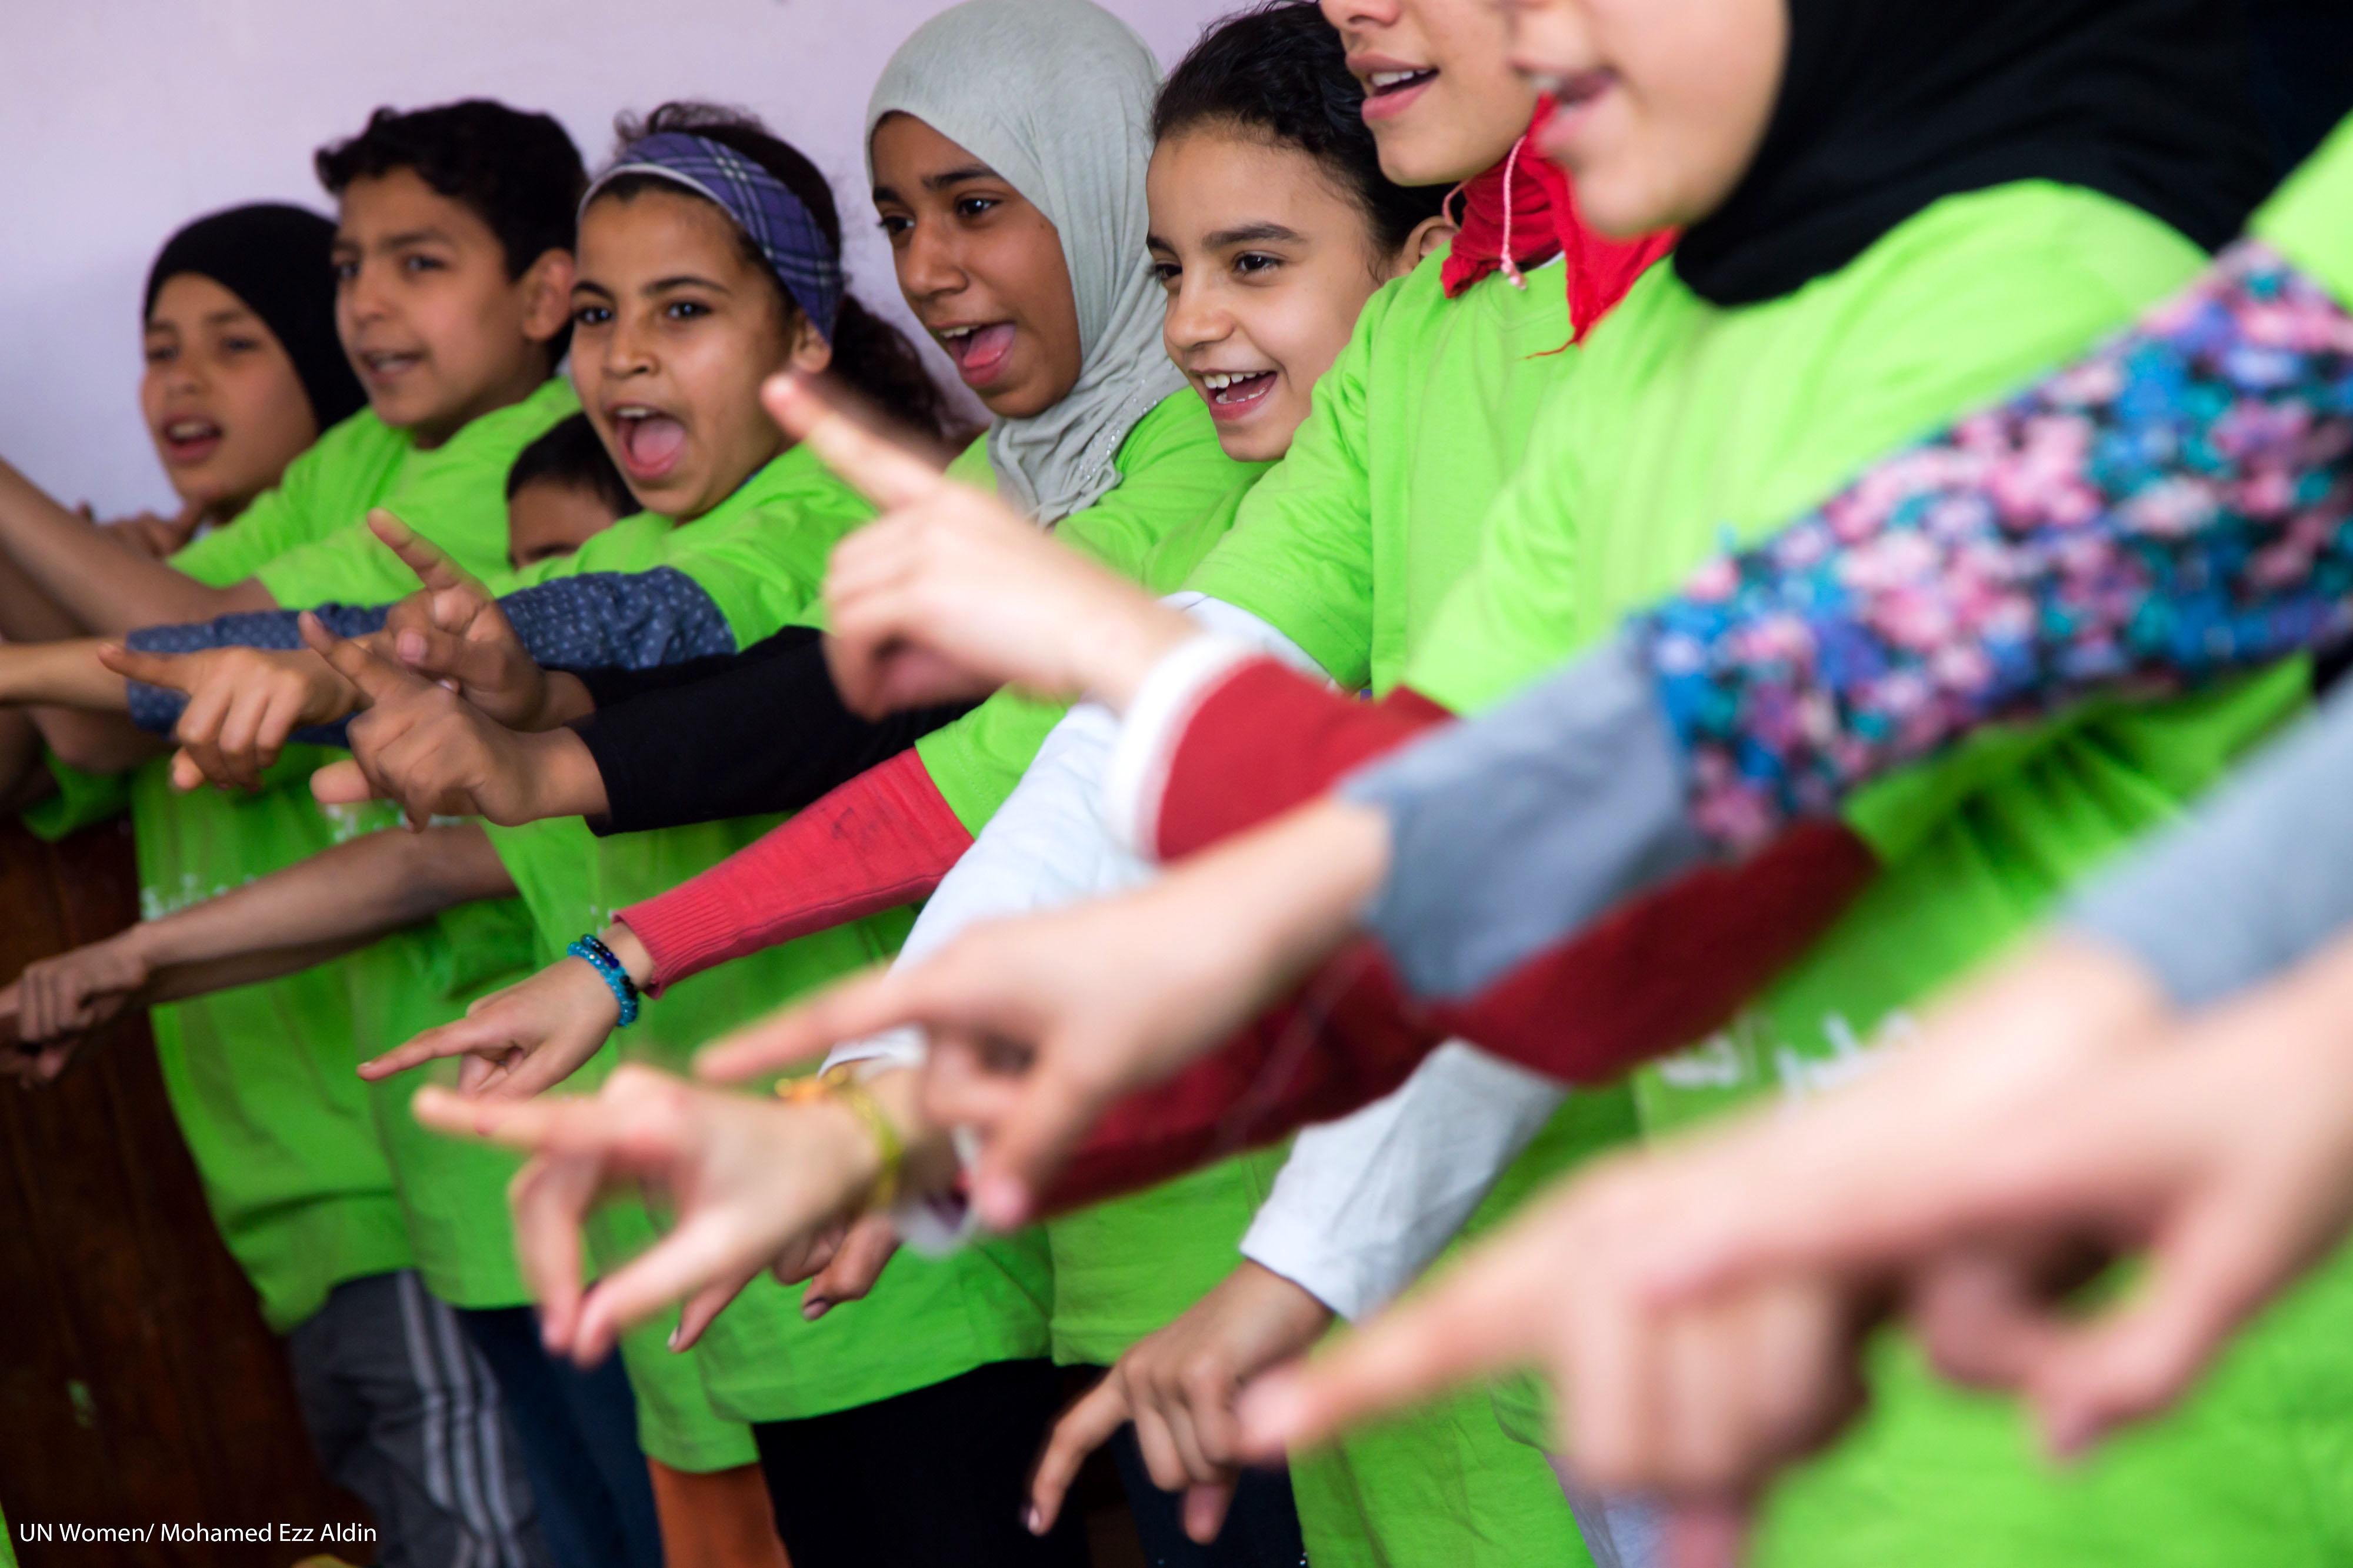 Kinder in Ägypten singen während einer Sensibilisierungskampagne zur Beendigung von Gewalt gegen Frauen. Die Kinder stehen in einer Reihe und halten ihre ausgestreckten Zeigefinger nach vorn.